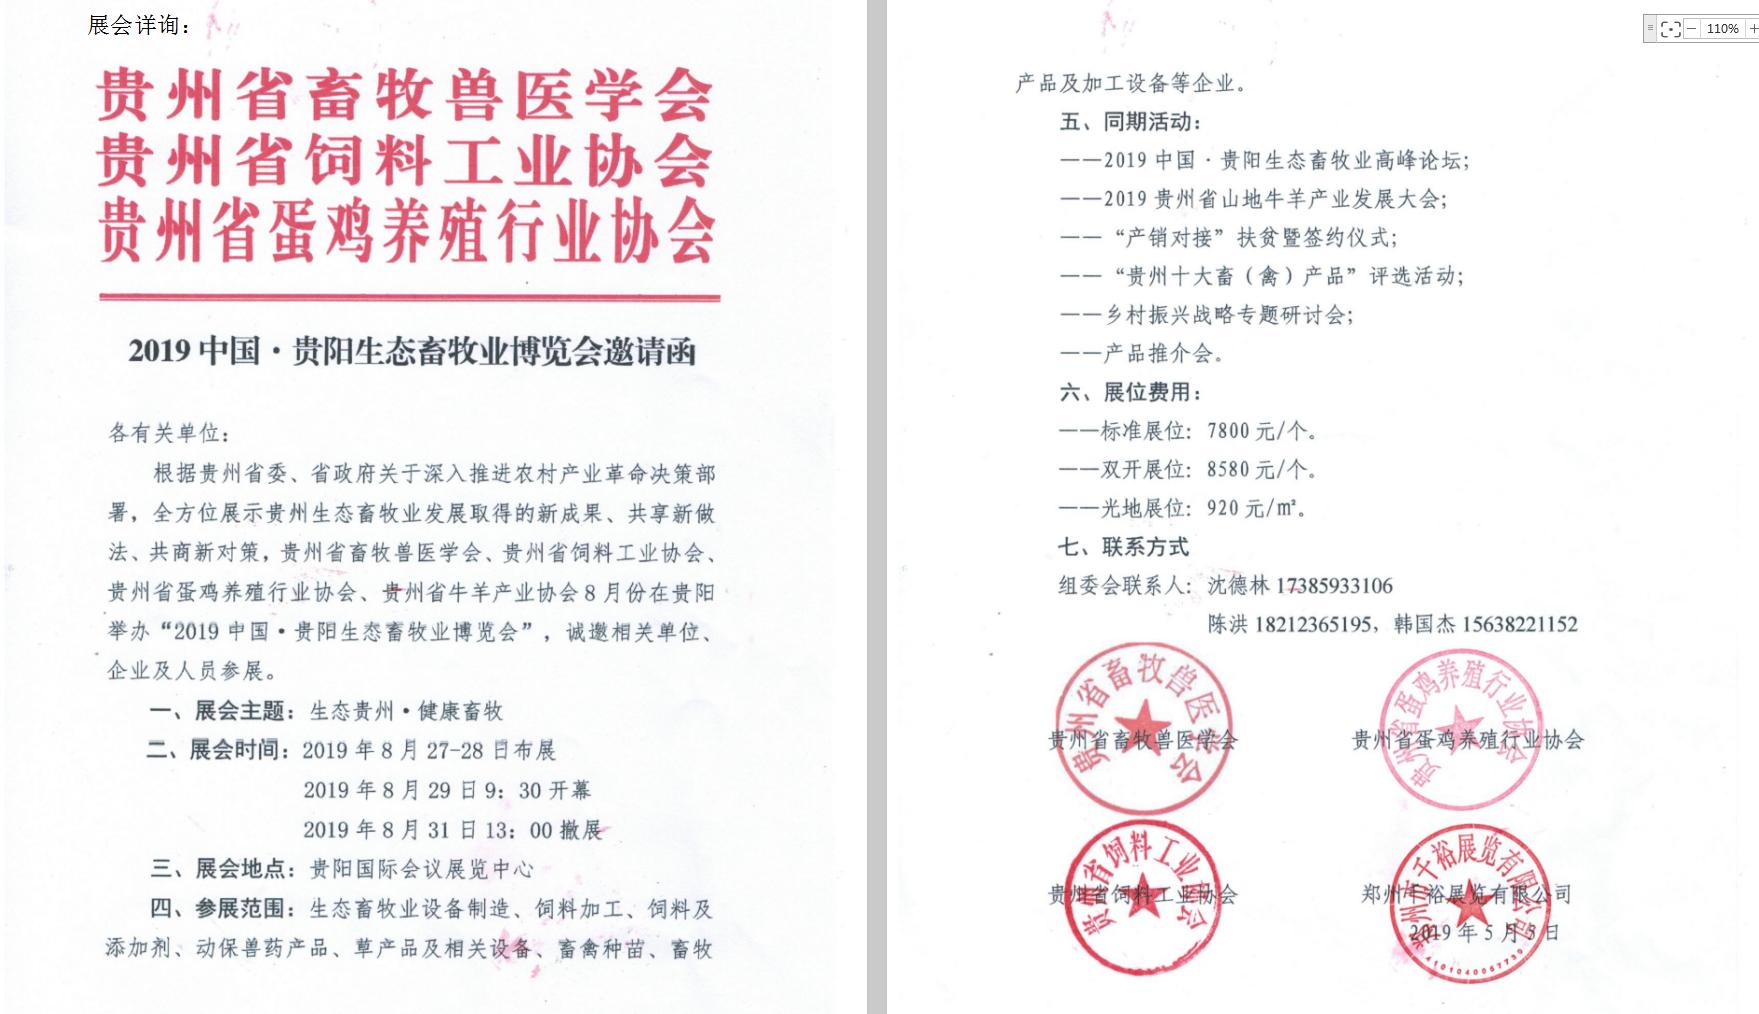 2019中国(贵阳)生态高效畜牧业交易会